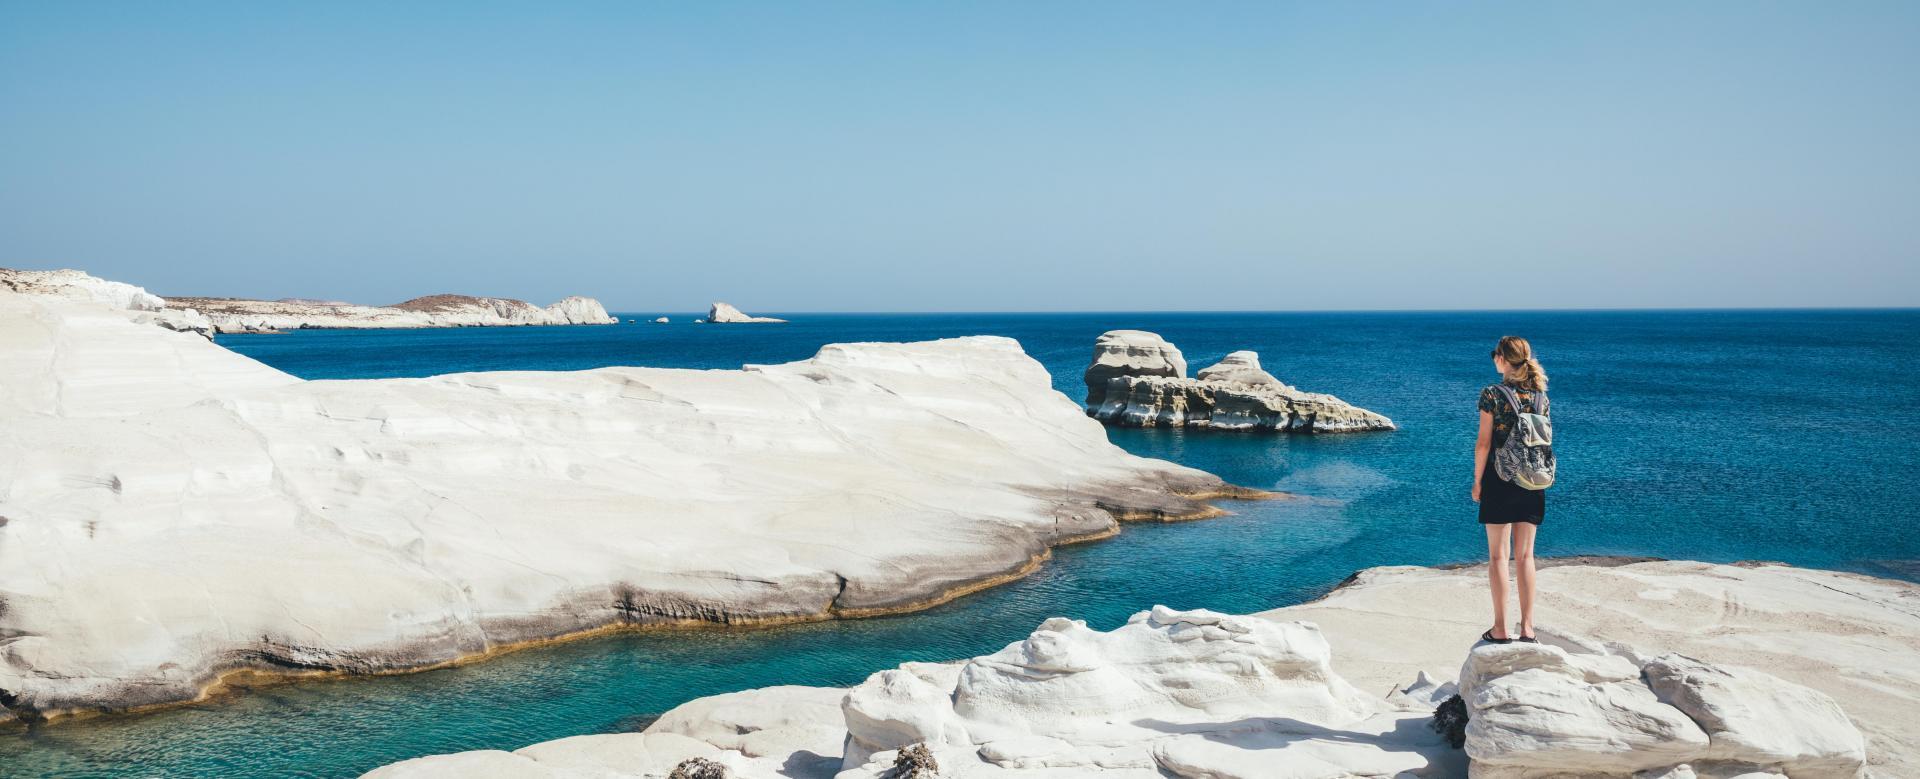 Voyage à pied : Cyclades : milos et kimolos en famille